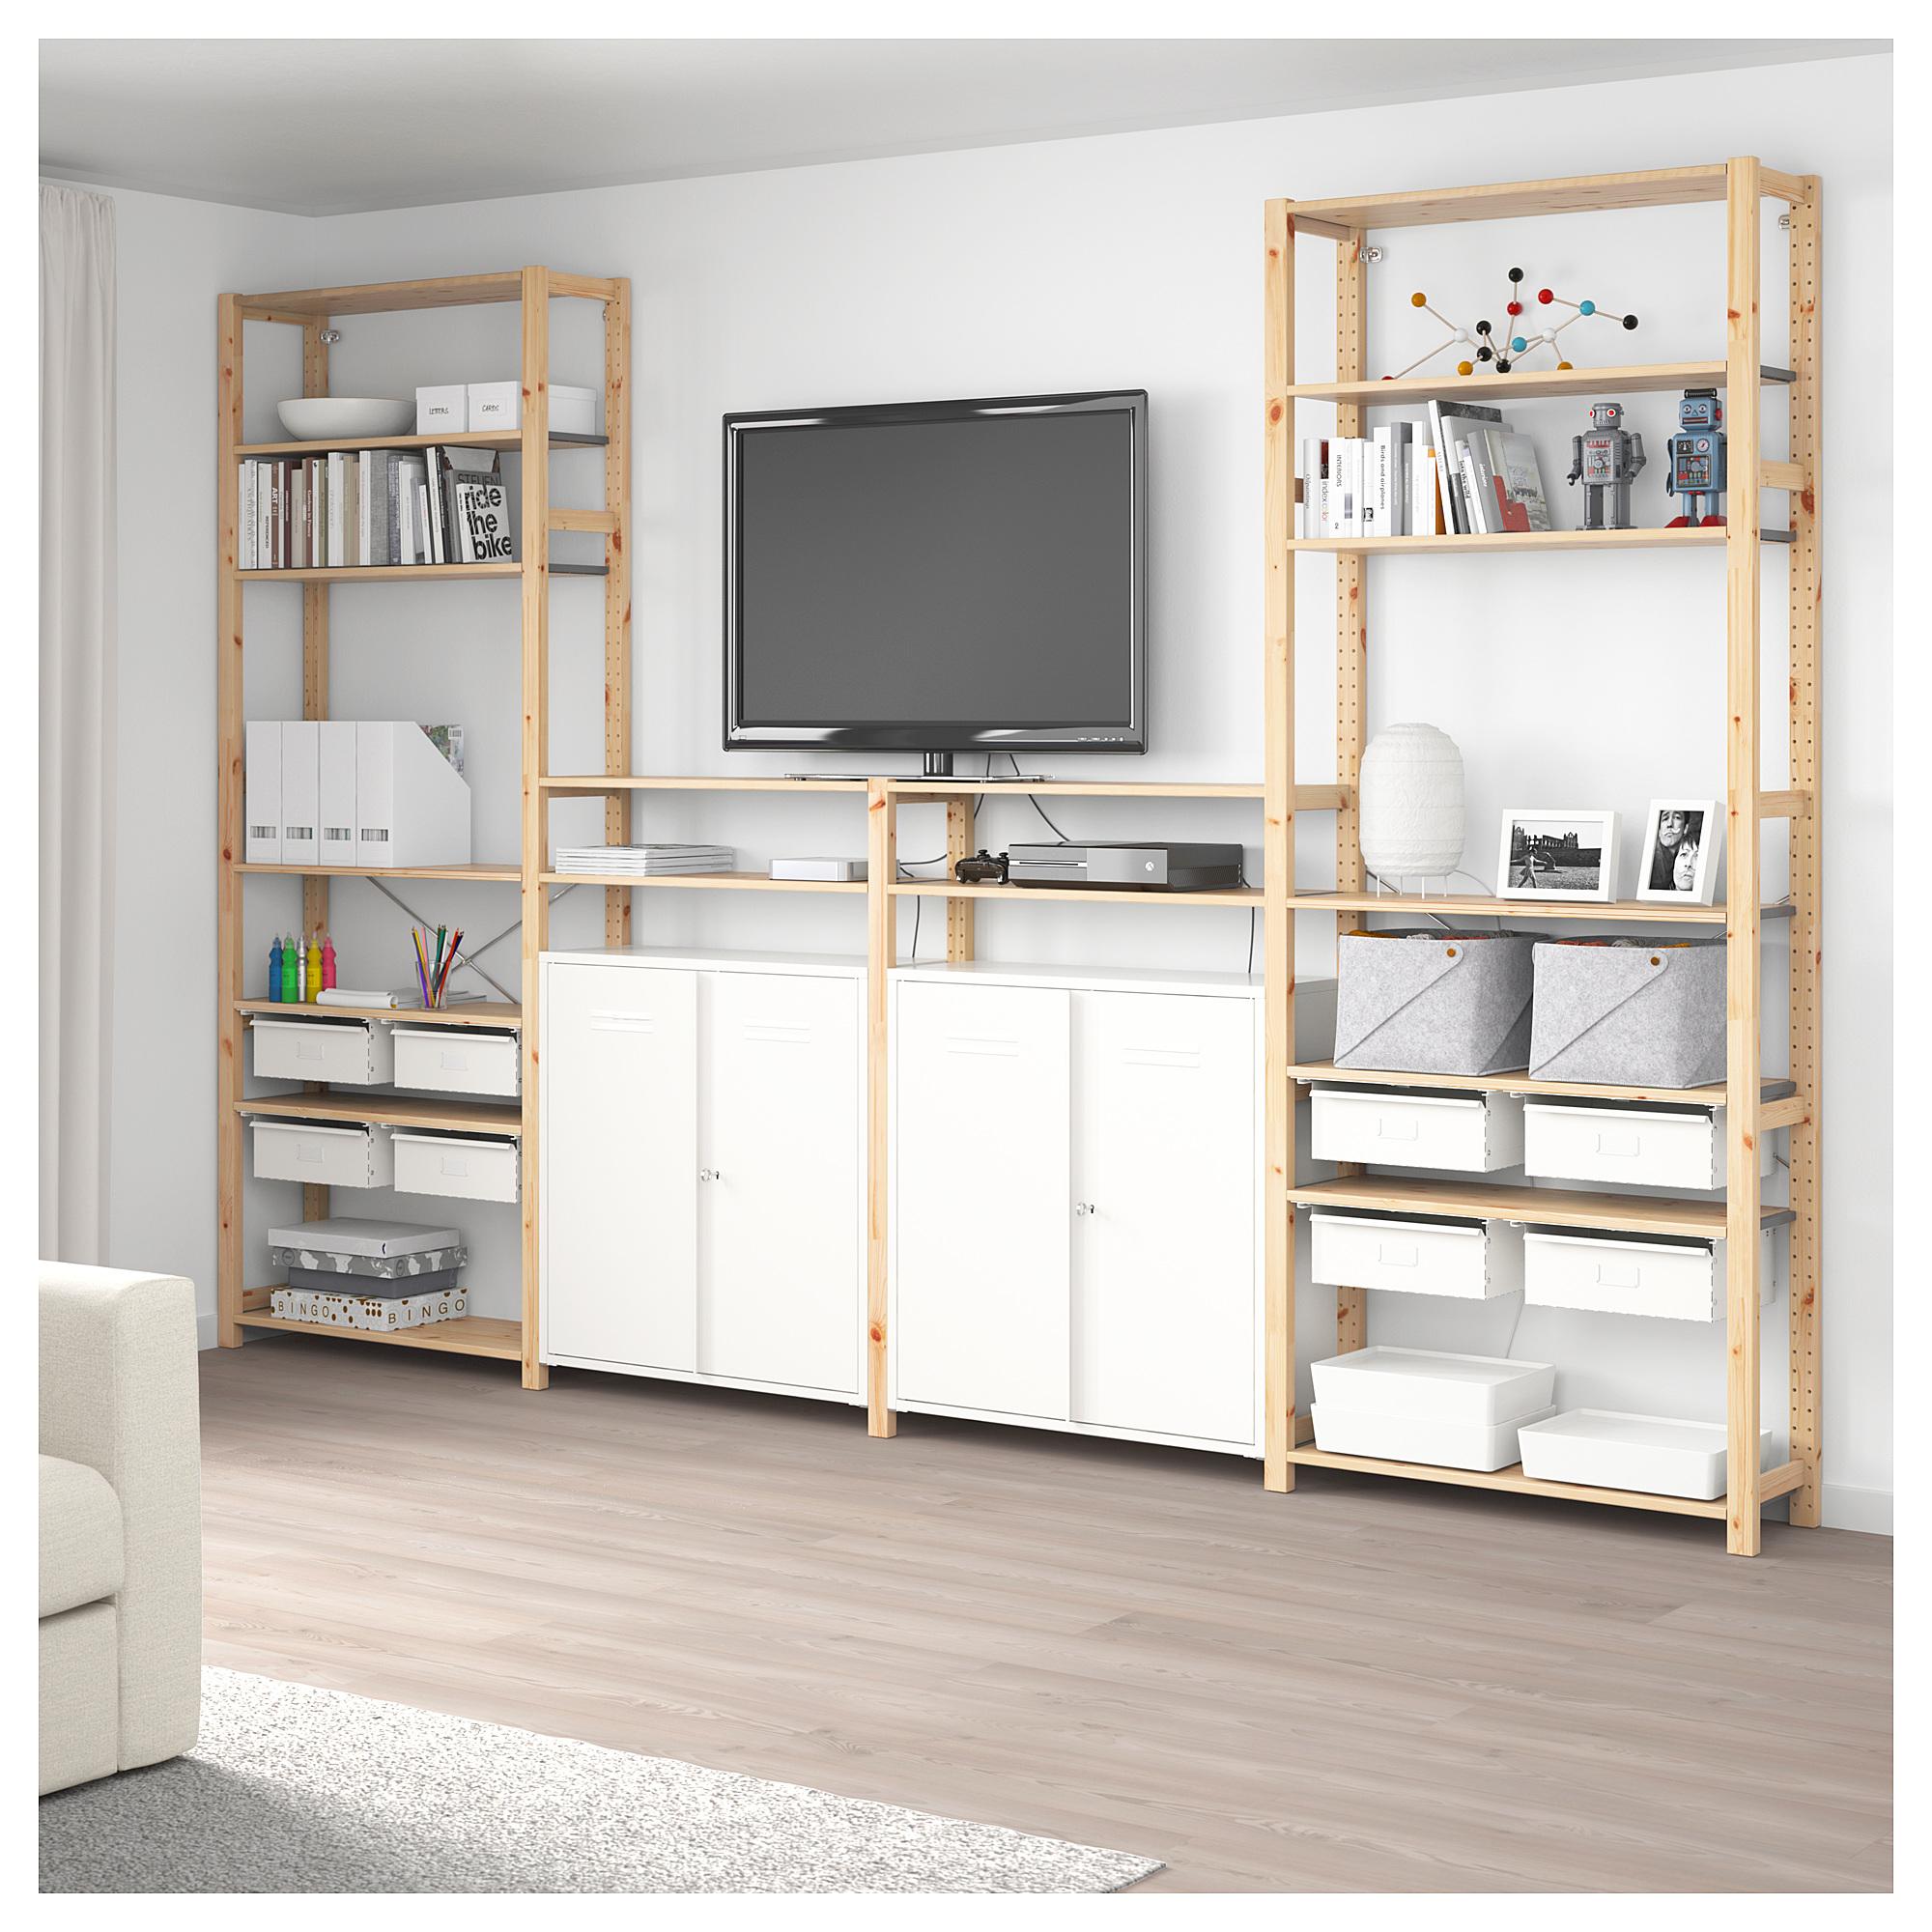 4 секции, полки/шкаф ИВАР белый артикуль № 092.499.92 в наличии. Онлайн сайт IKEA РБ. Недорогая доставка и установка.